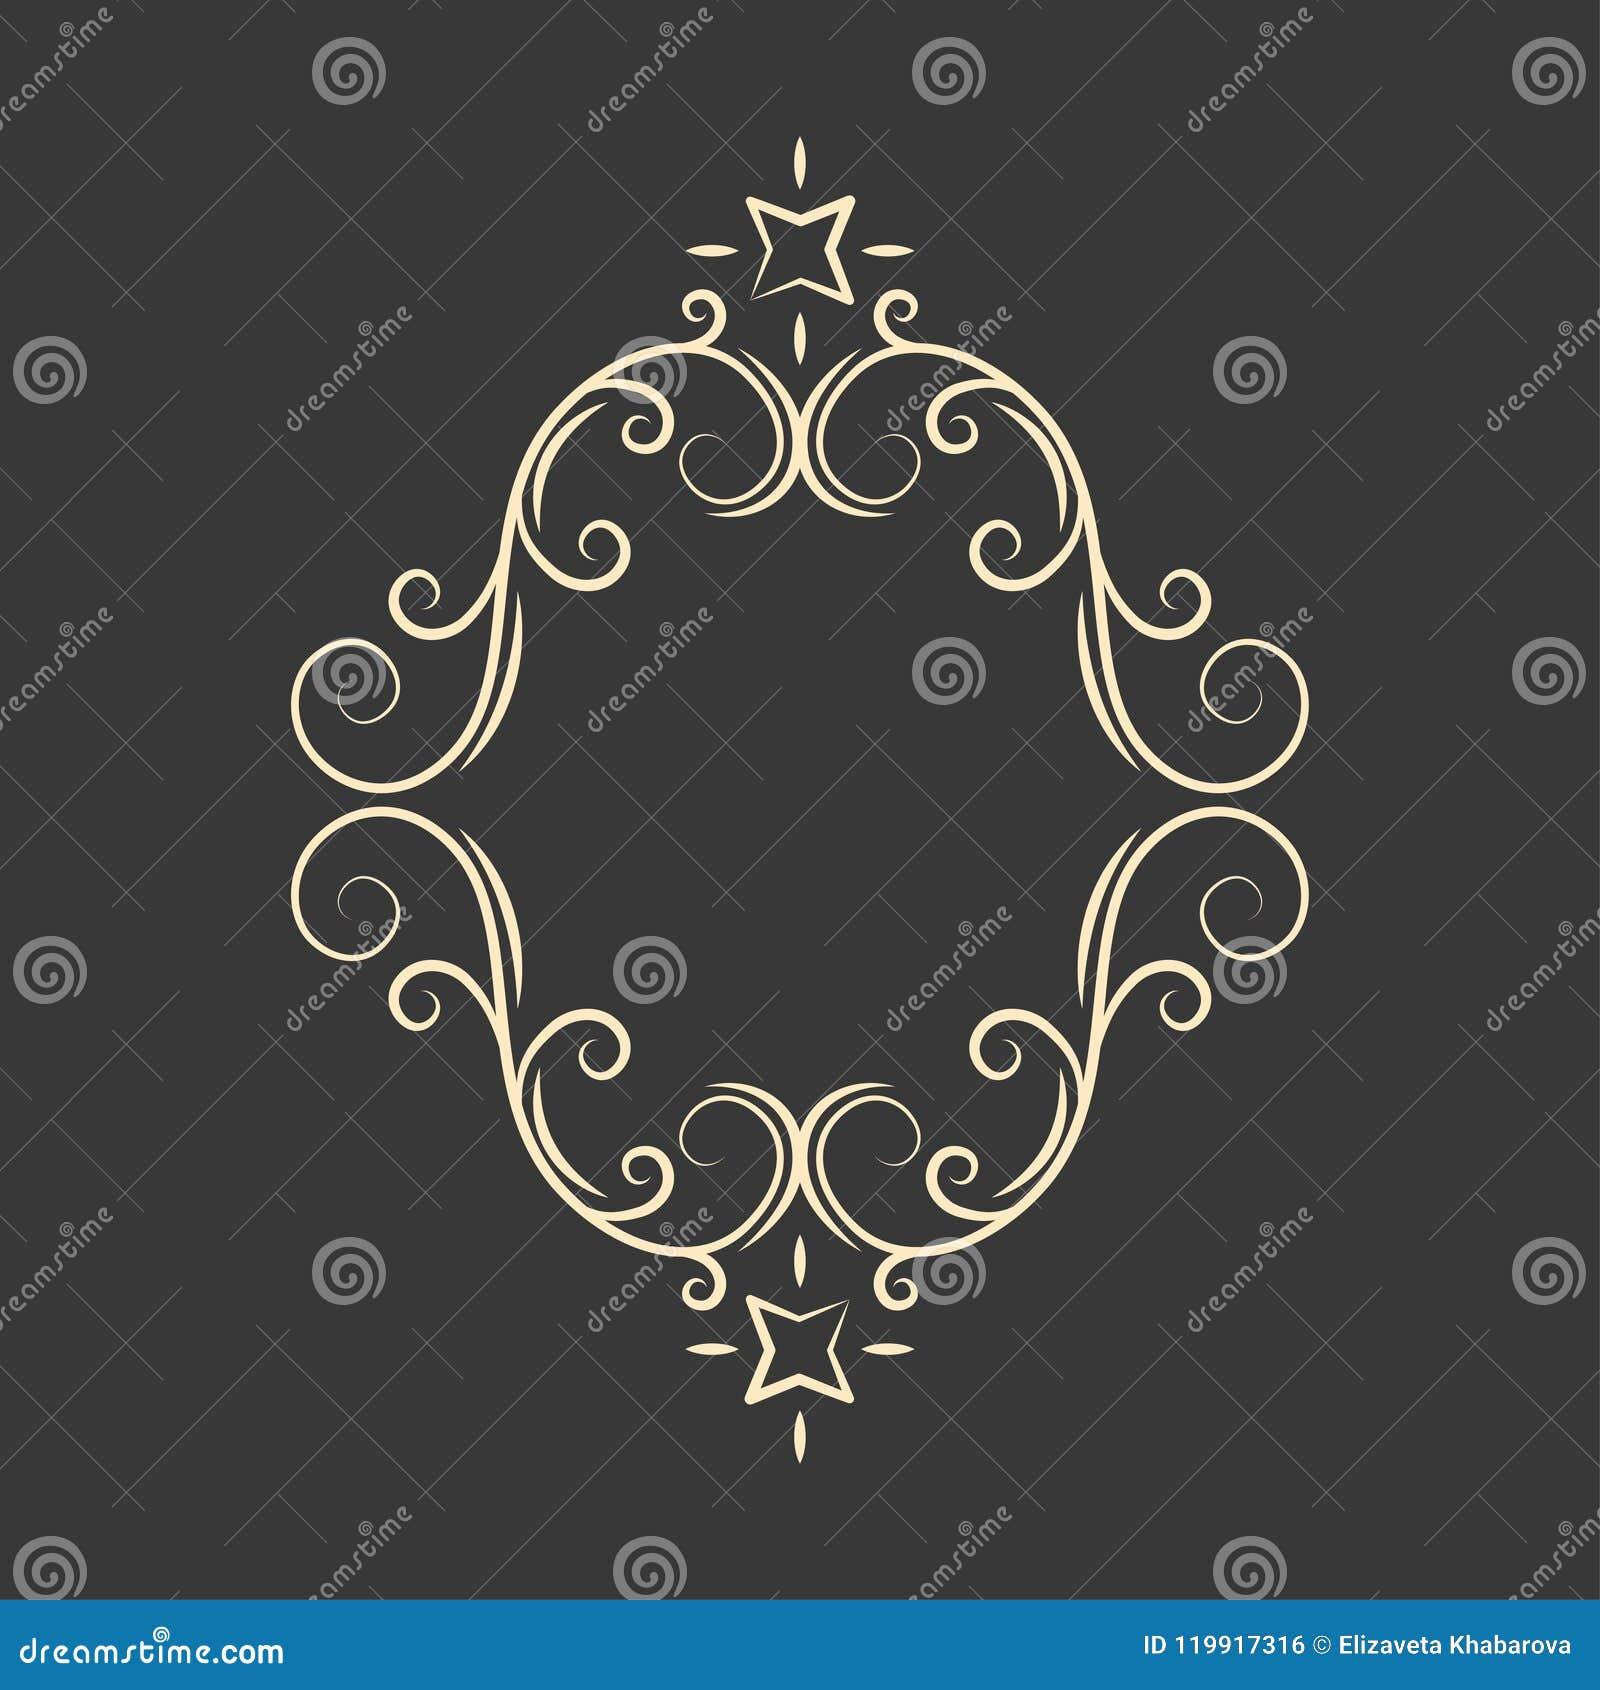 华丽装饰框架 Swirly线卷毛样式 贺卡,婚礼邀请,保存日期设计 向量